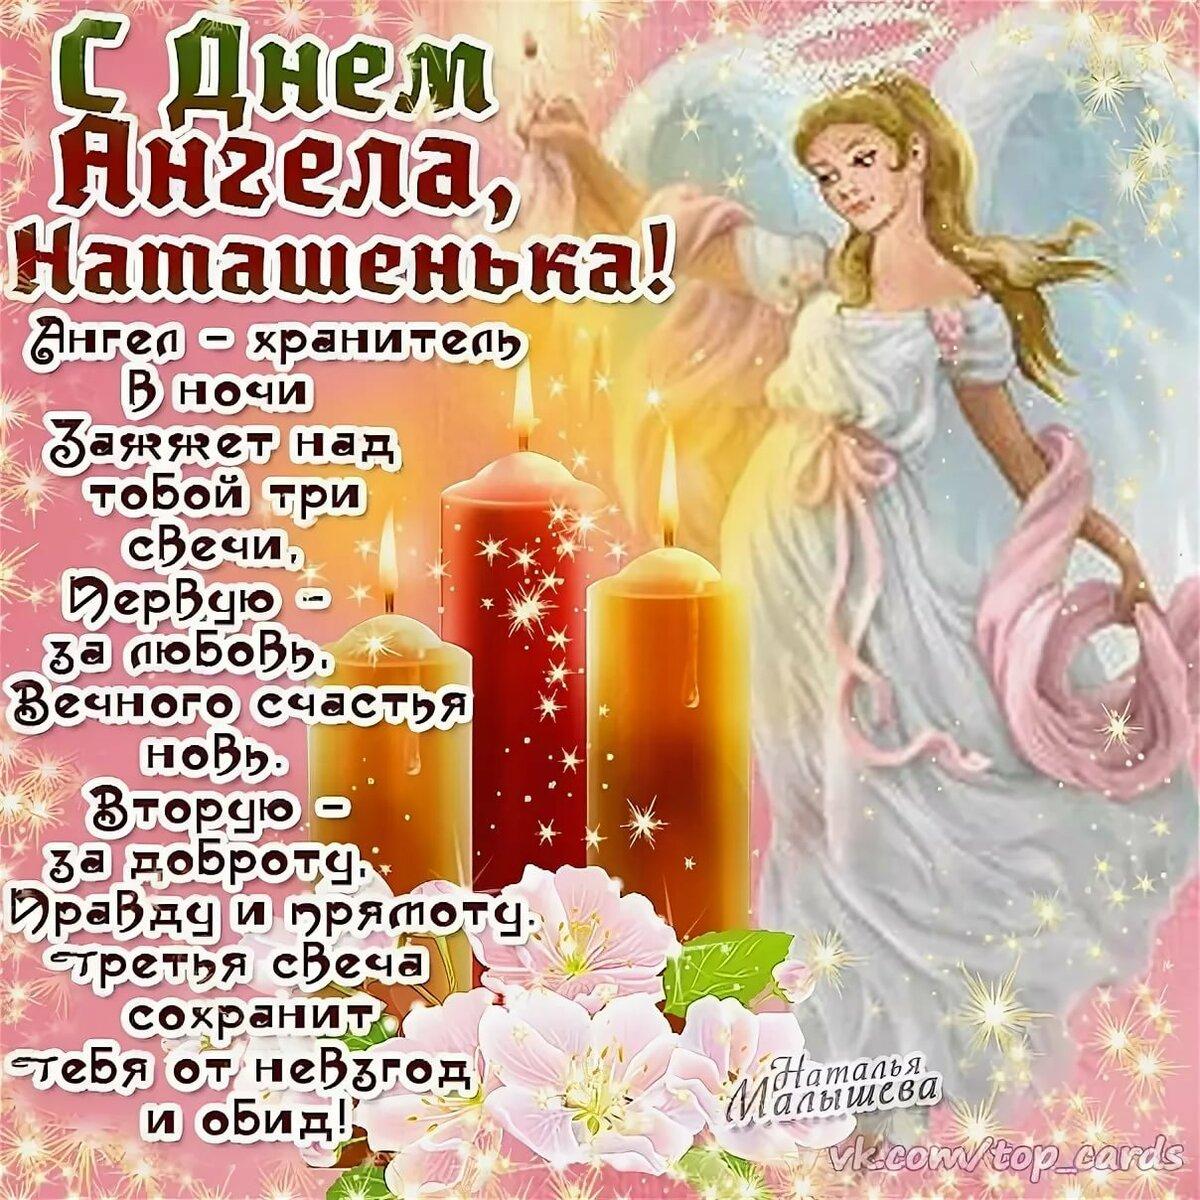 Оригинальные  поздравления с днем ангела наталье — 14 поздравлений — stost.ru